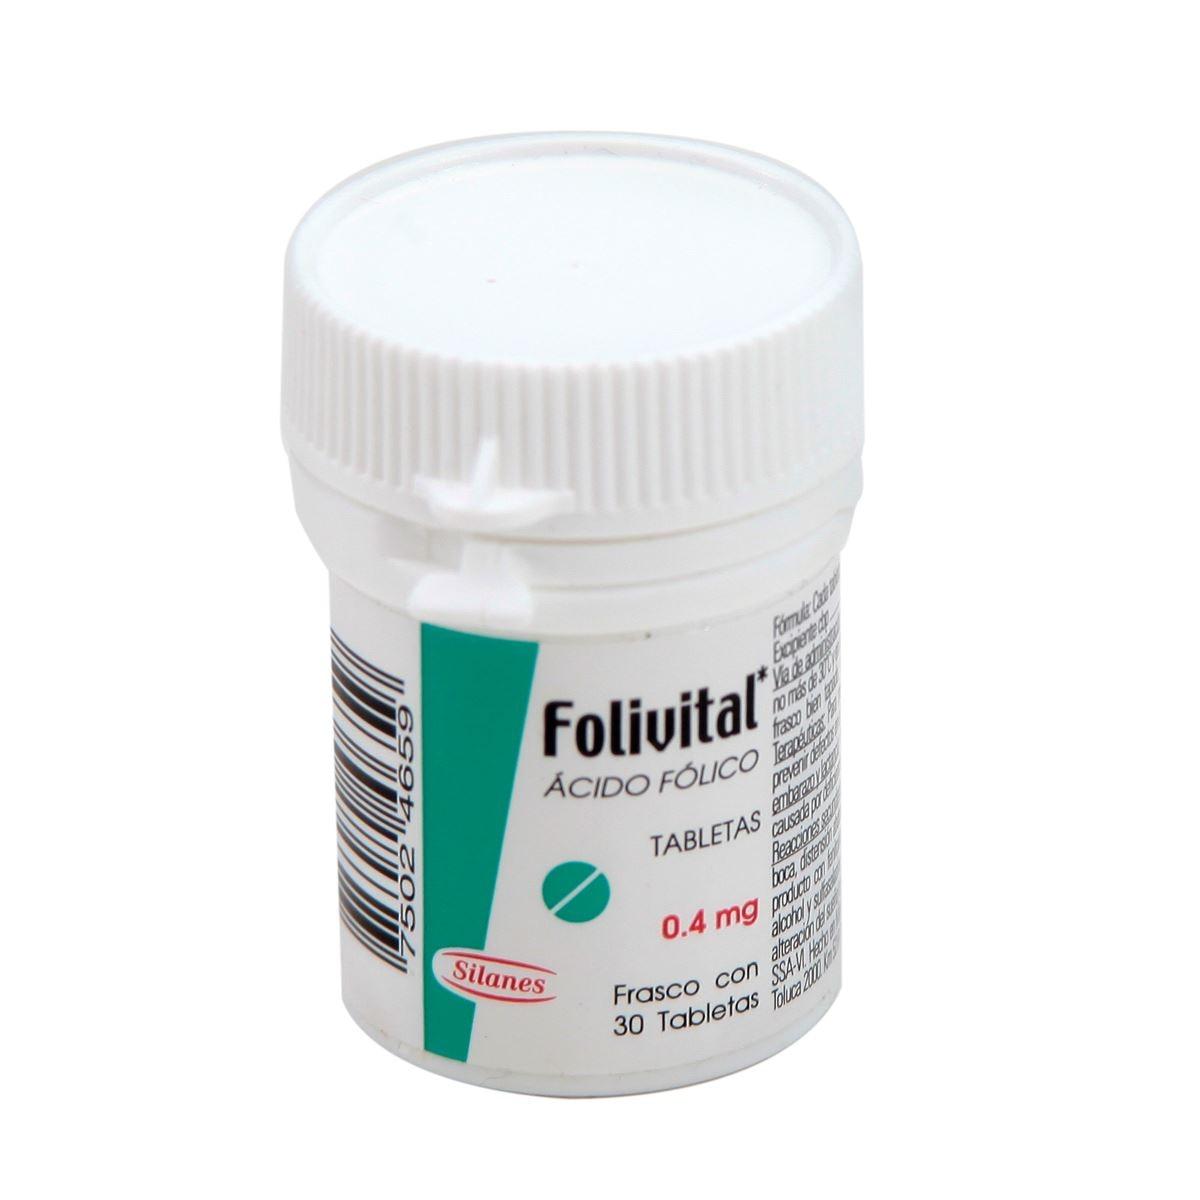 Folivital t 30 0.4mg